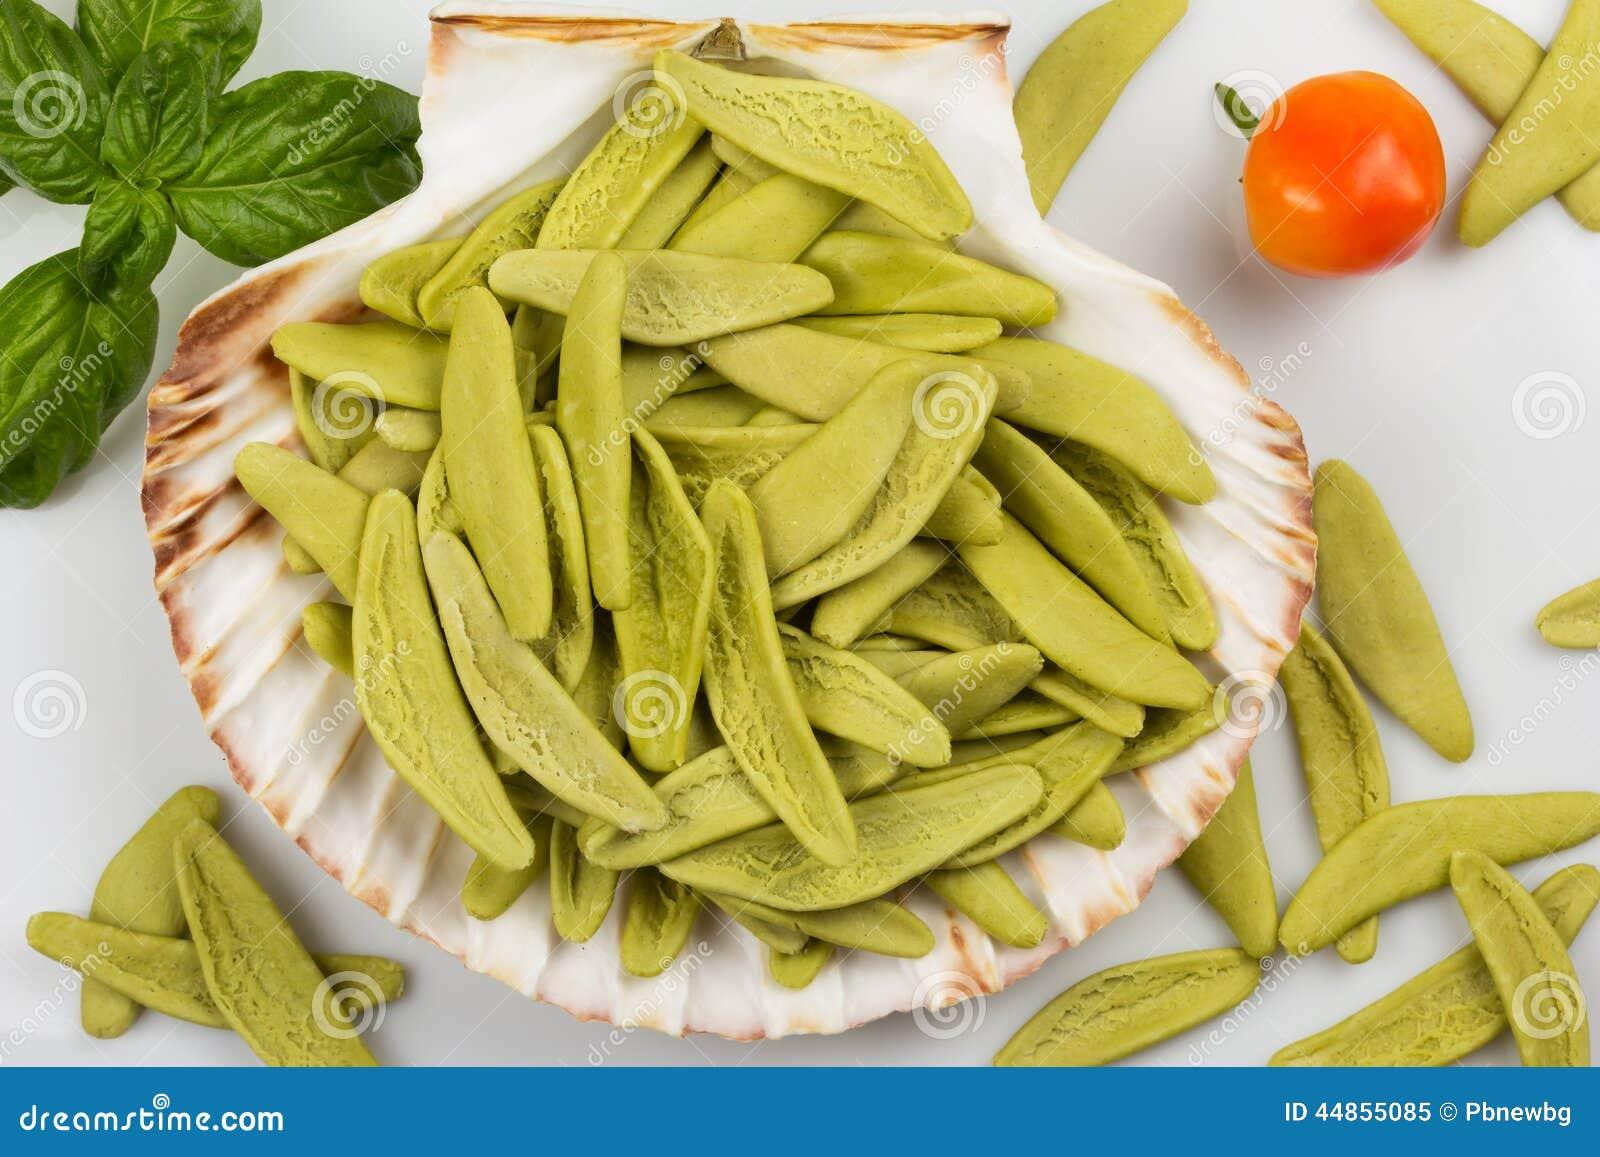 Pastas italianas con espinaca en una concha marina